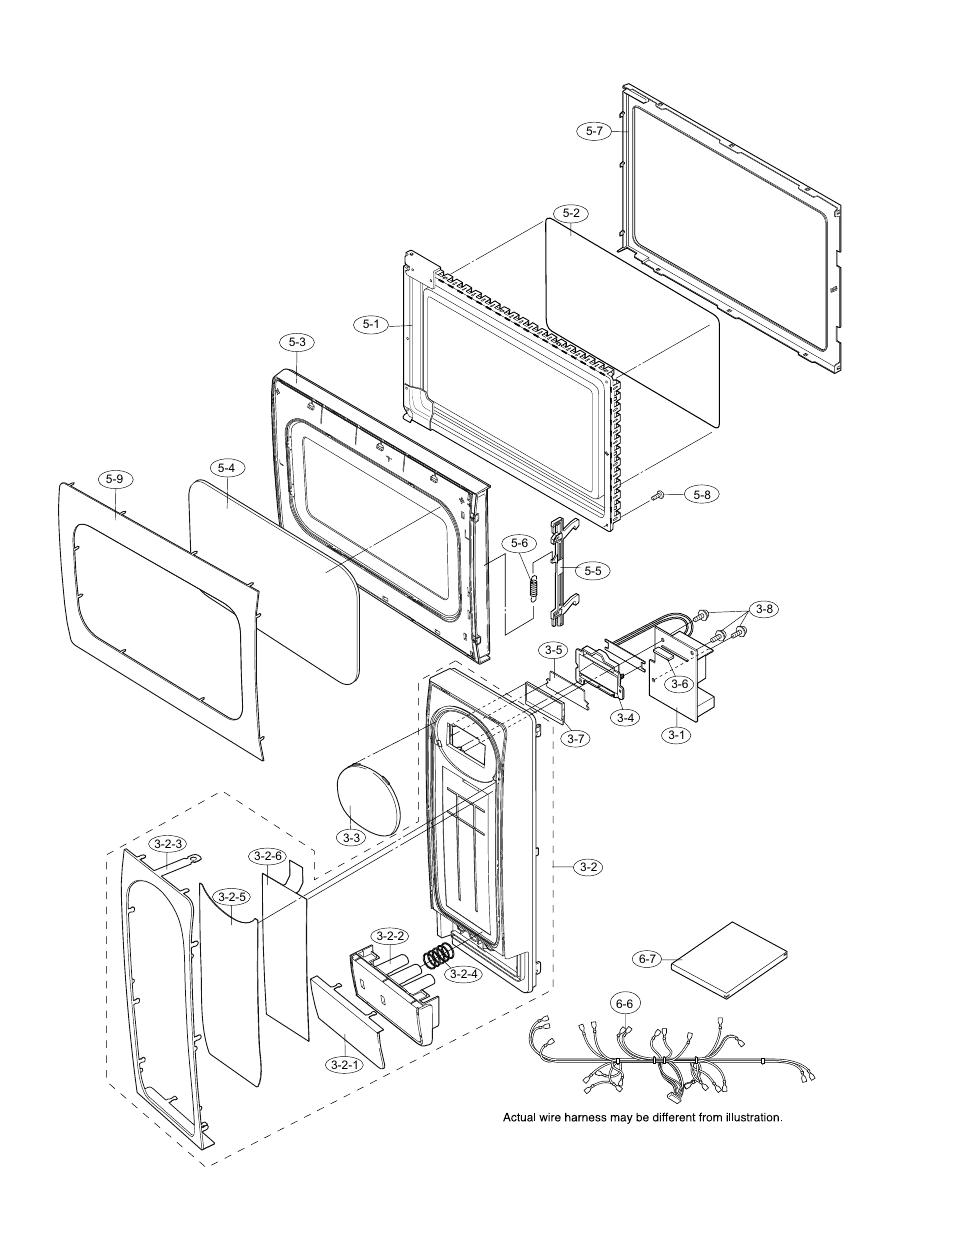 Door and control panel parts, 2] door and control panel